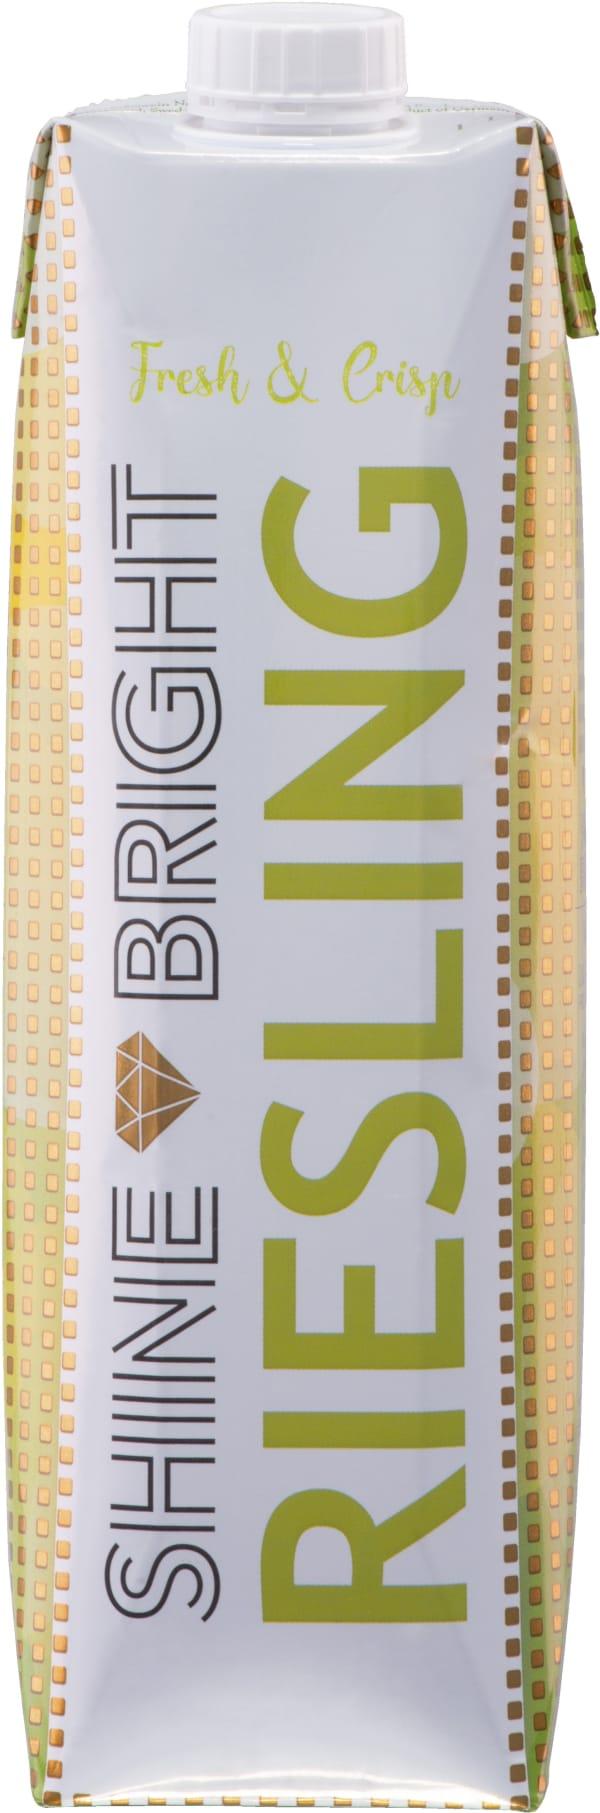 Shine Bright 2016 kartongförpackning